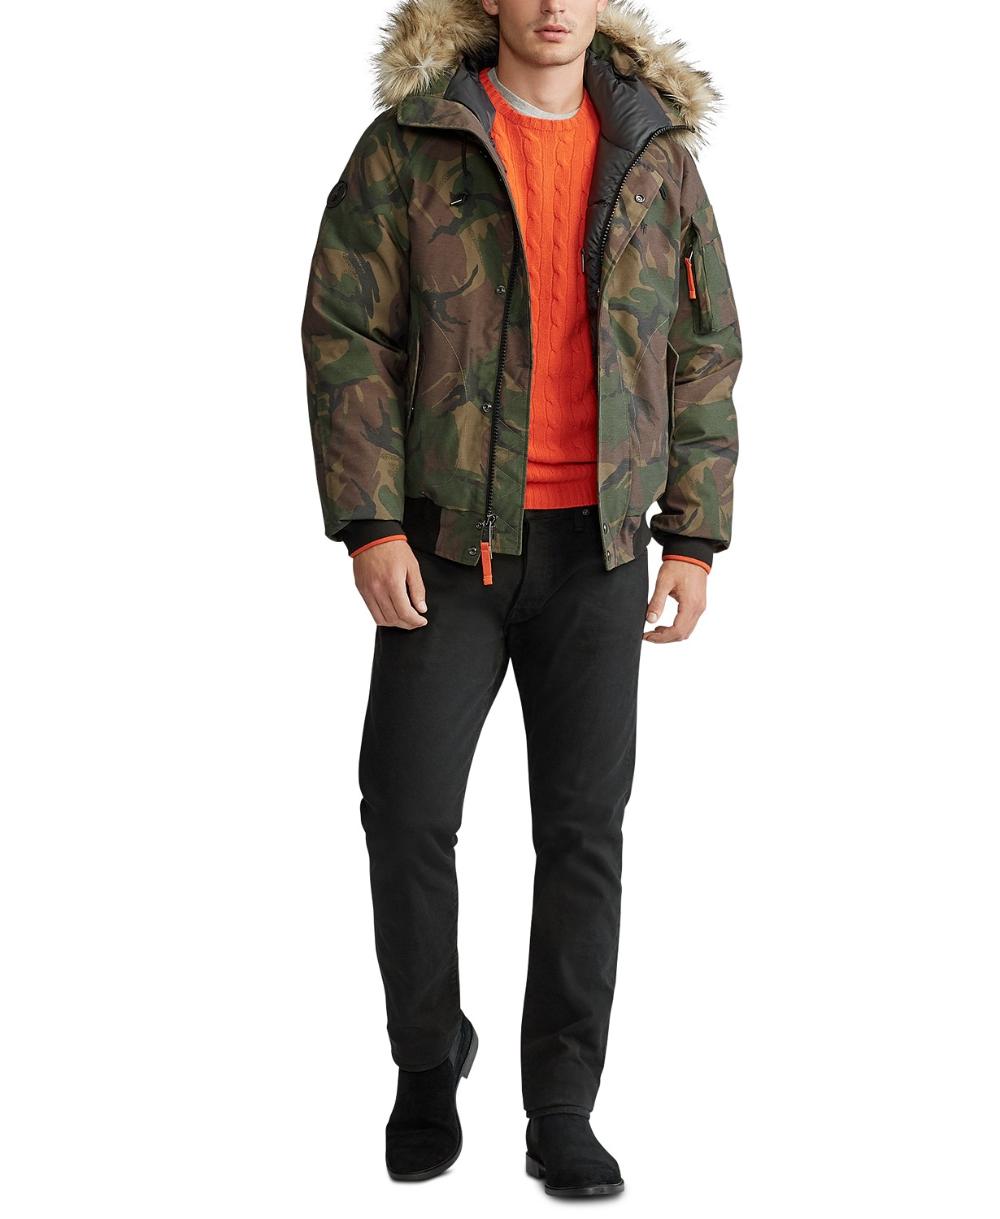 Polo Ralph Lauren Men S Faux Fur Trim Down Bomber Jacket Reviews Coats Jackets Men Macy S Bomber Jacket Polo Ralph Lauren Mens Jackets [ 1219 x 1000 Pixel ]